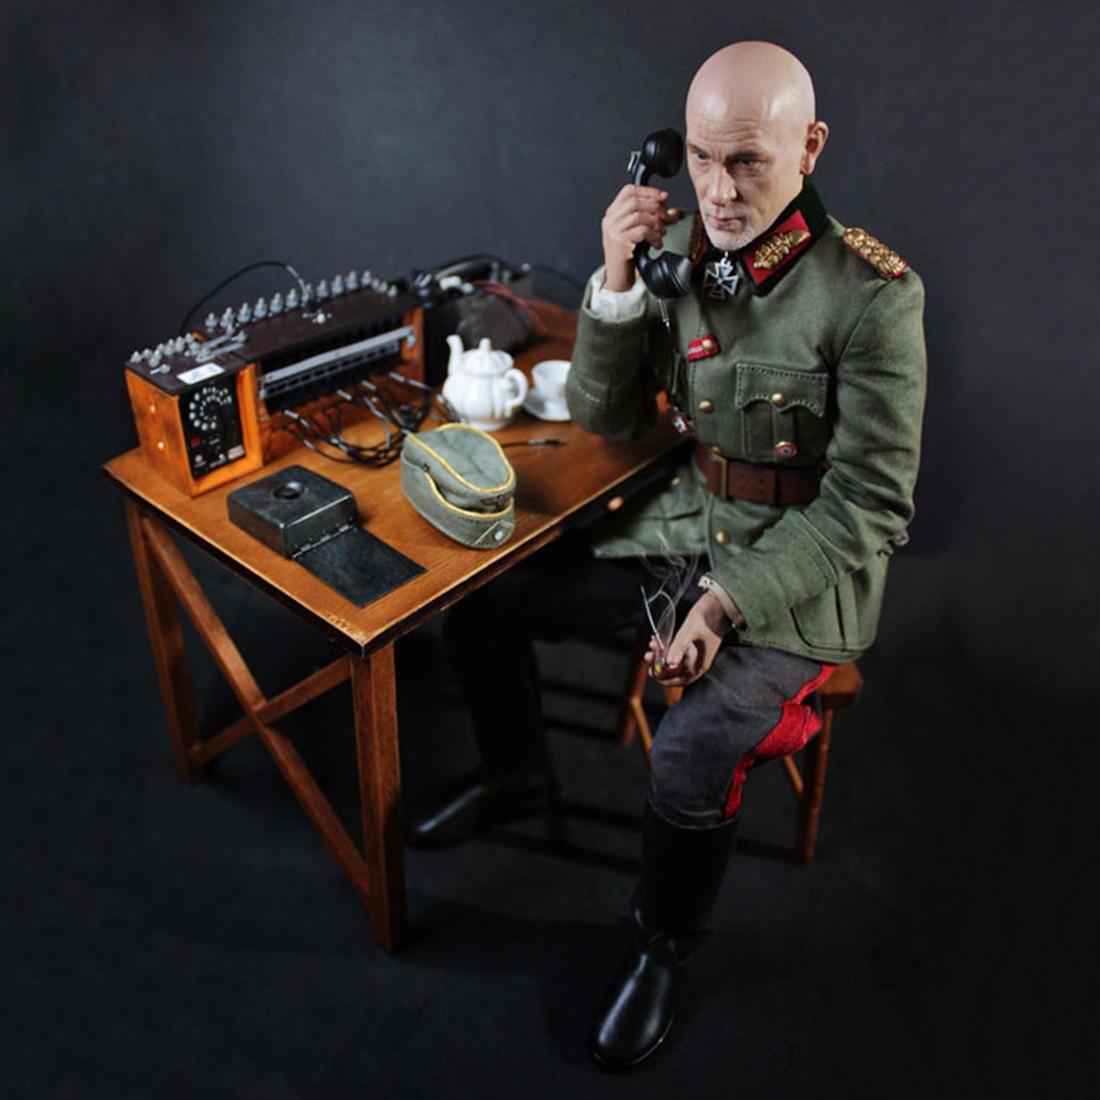 30cm 1 6 Soldier Model Realistic Headsculpt DIY Handmade Figure Model For Men Gift German Field